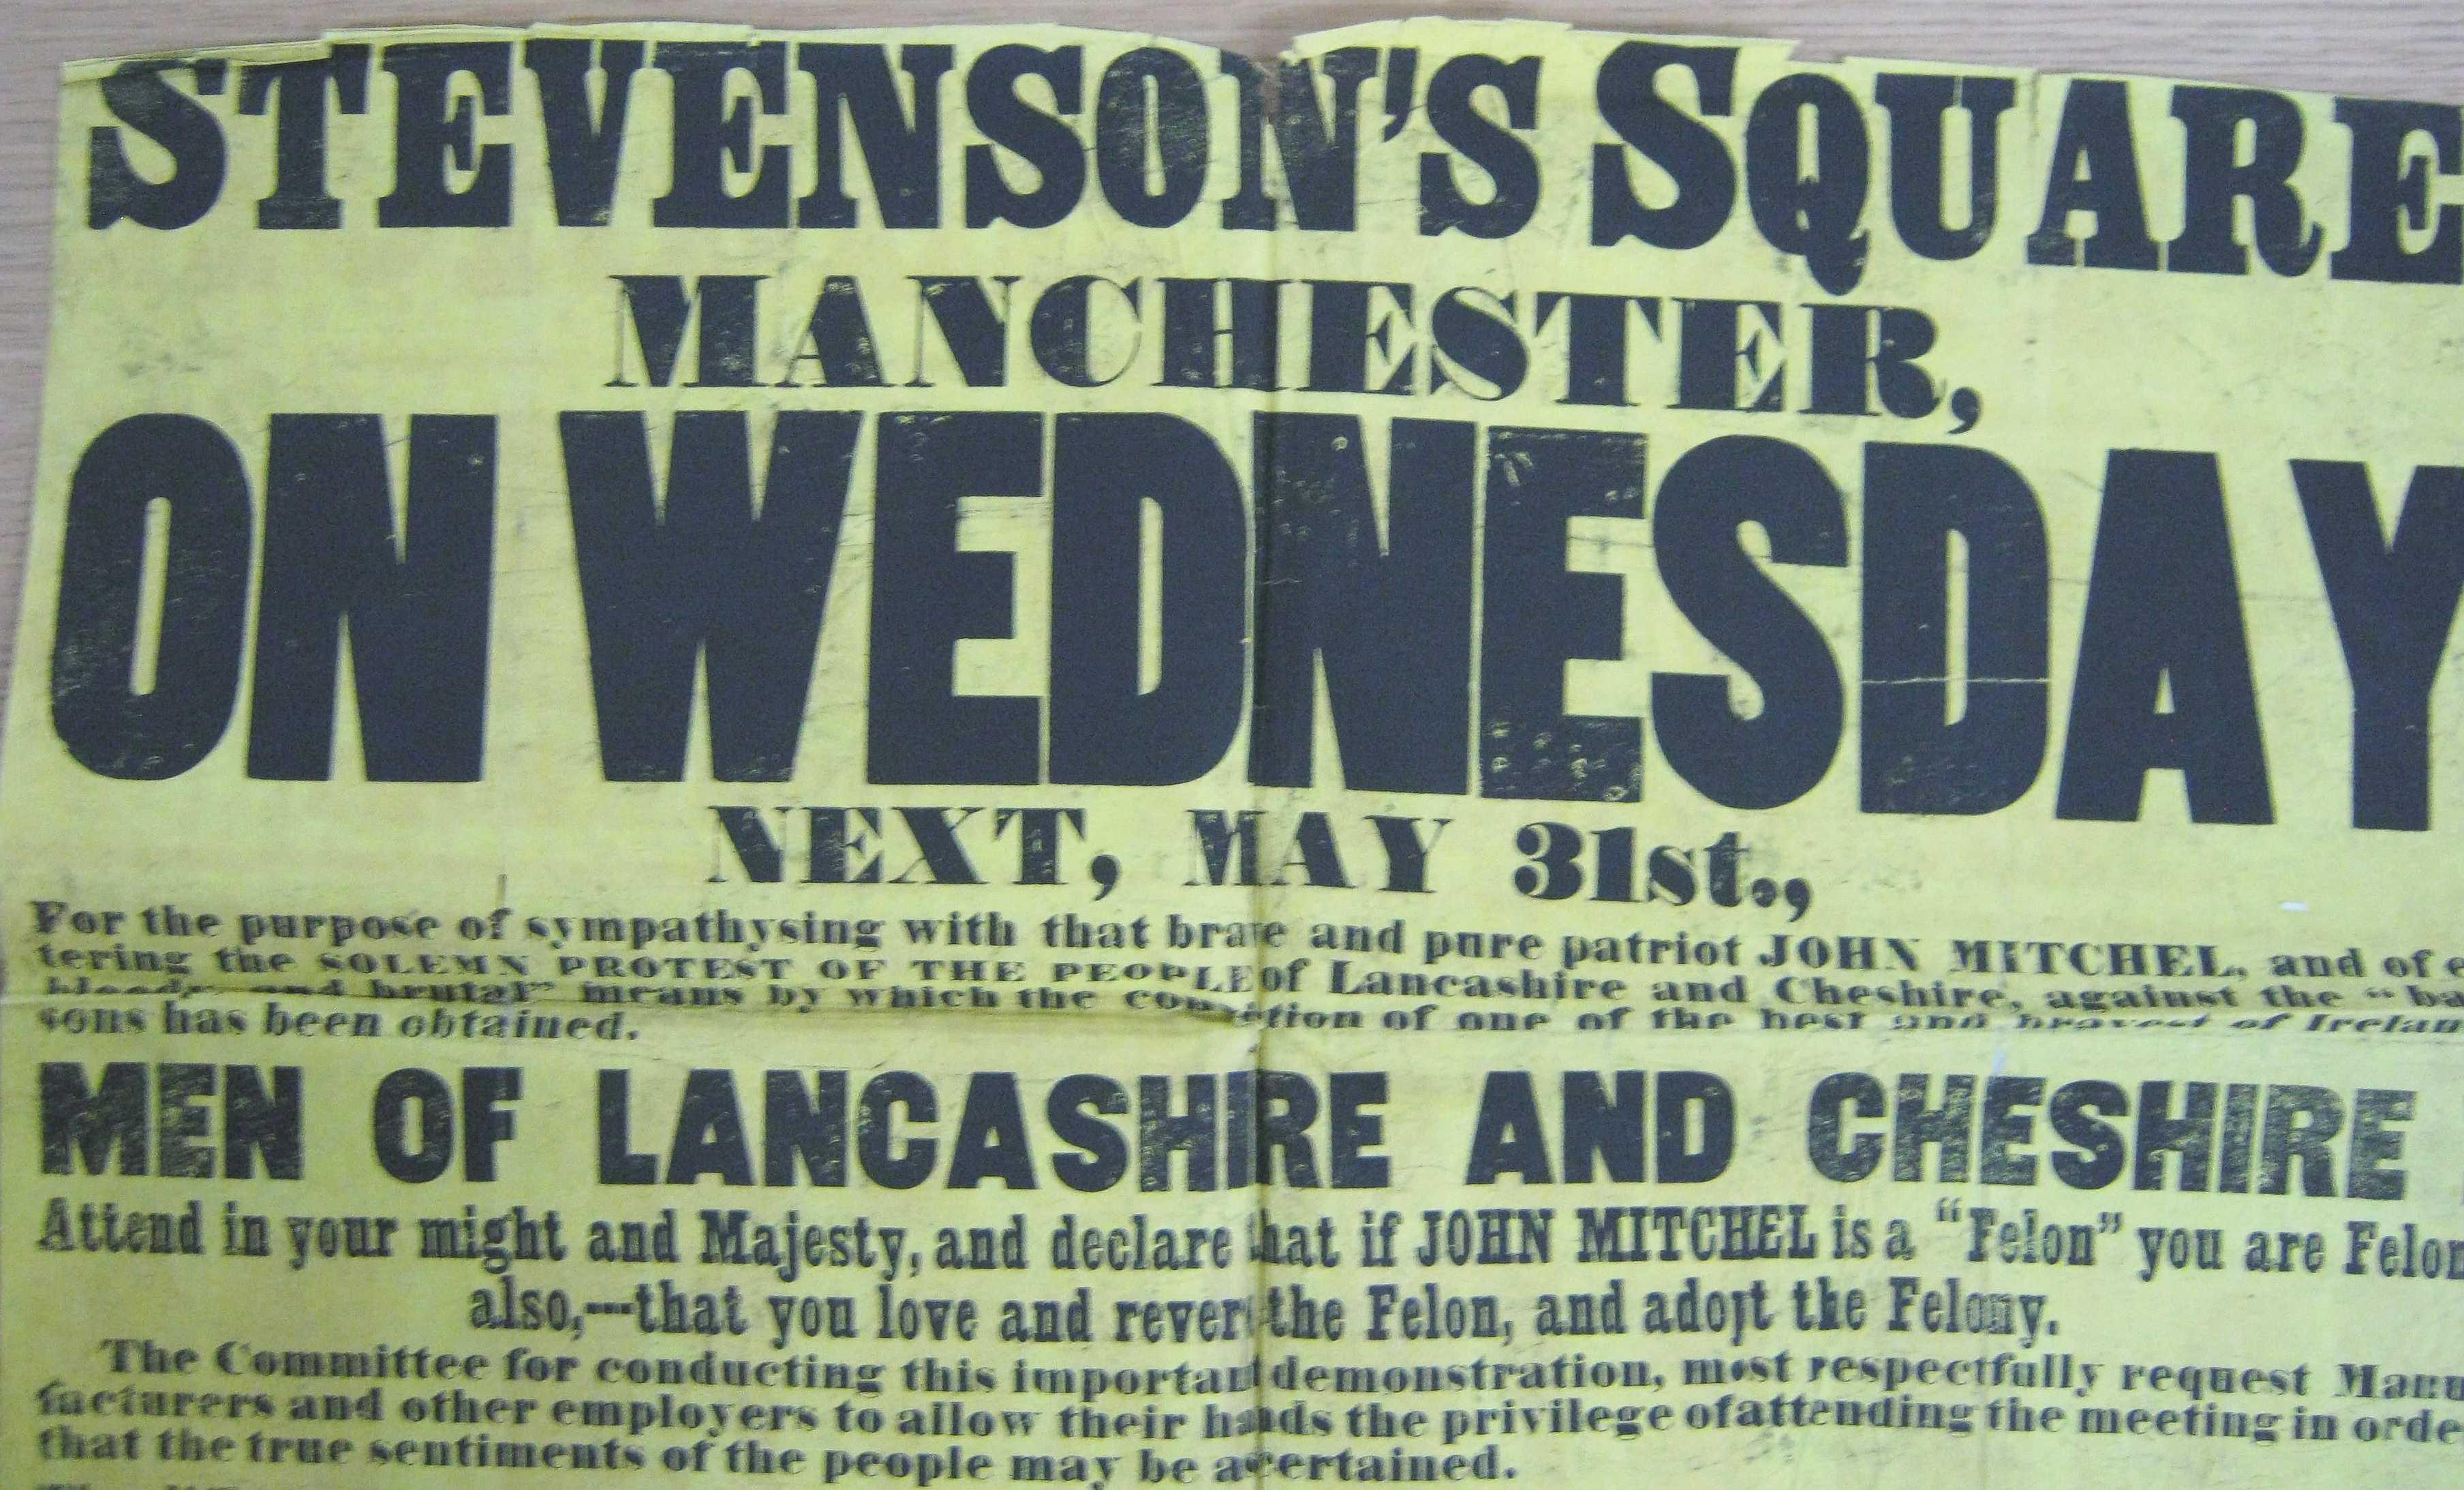 Stevensons Square poster